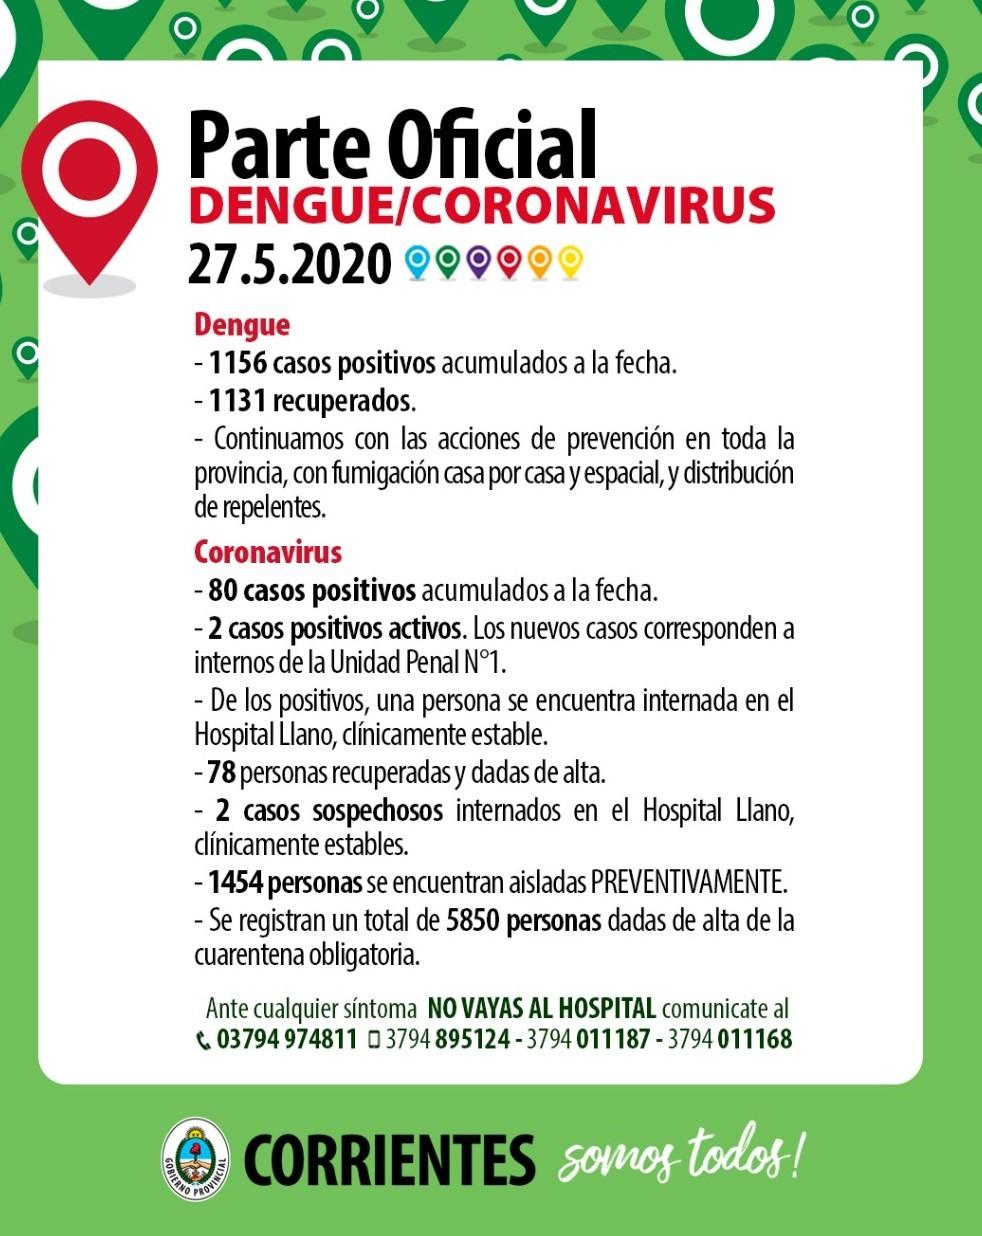 Dos nuevos casos de Covid-19 en la Unidad Penal N° 1 de Corrientes